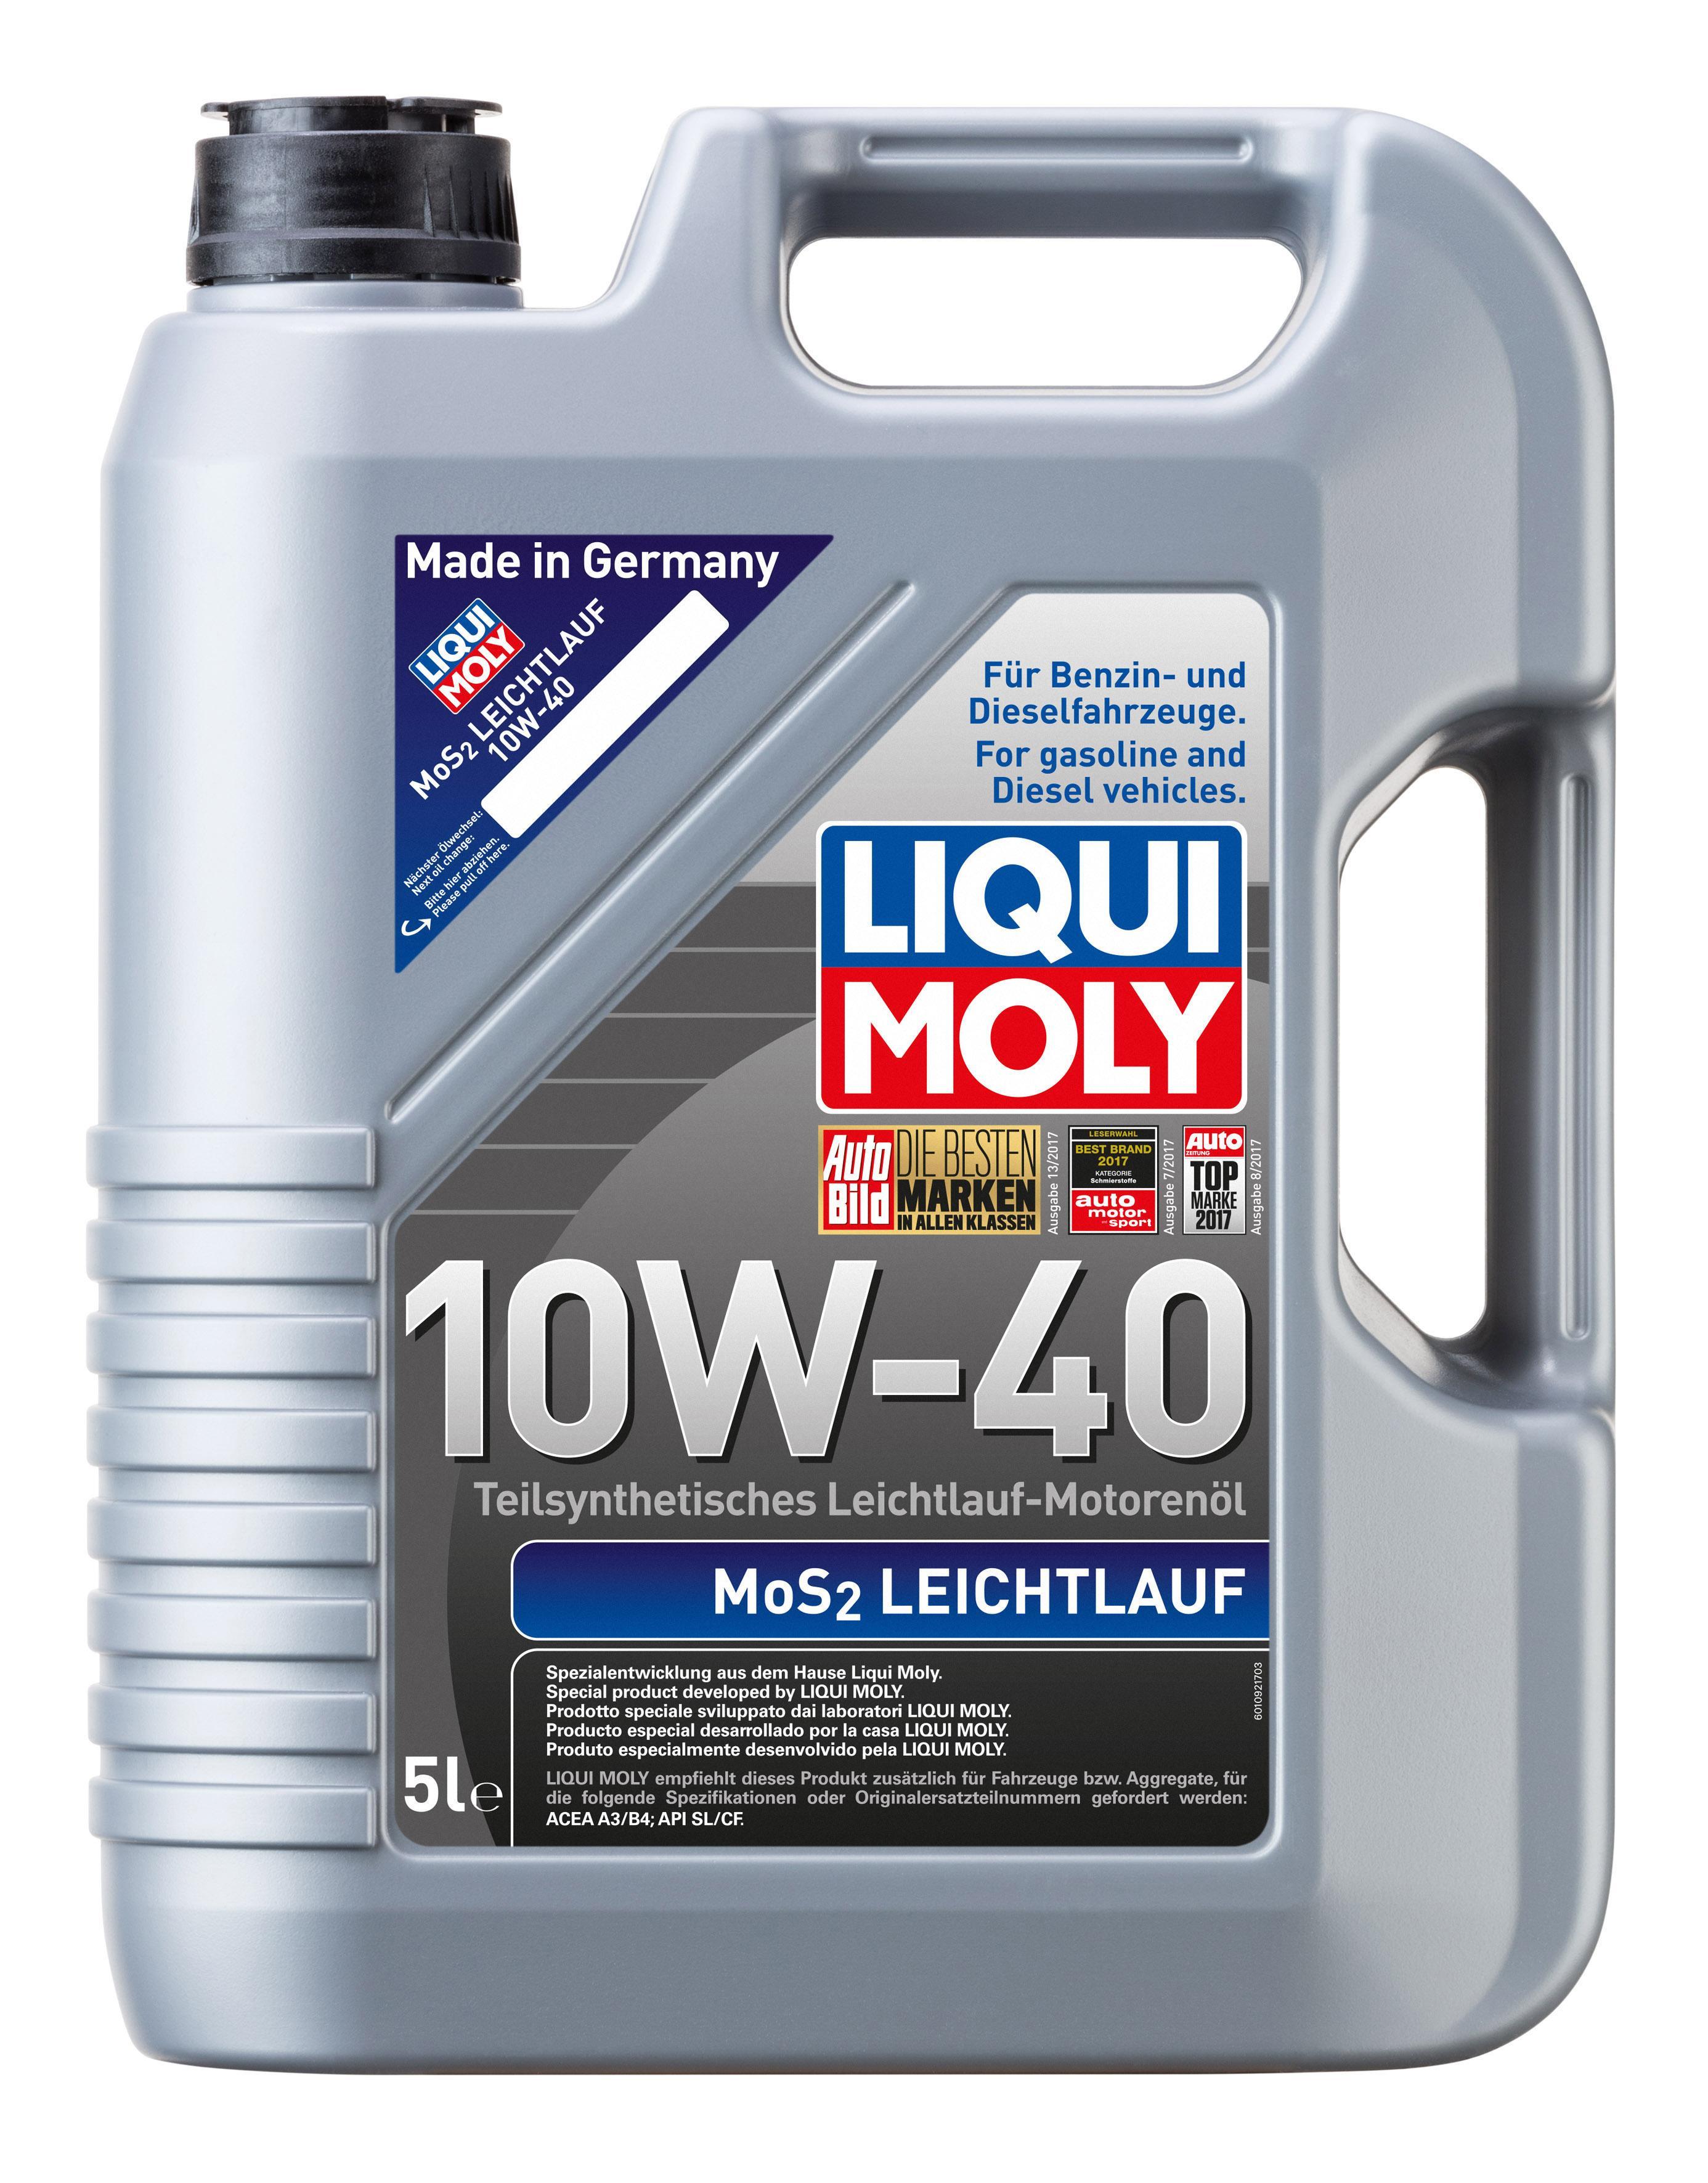 Comprar piezas de recambios originales LIQUI MOLY МoS2, Leichtlauf 1092